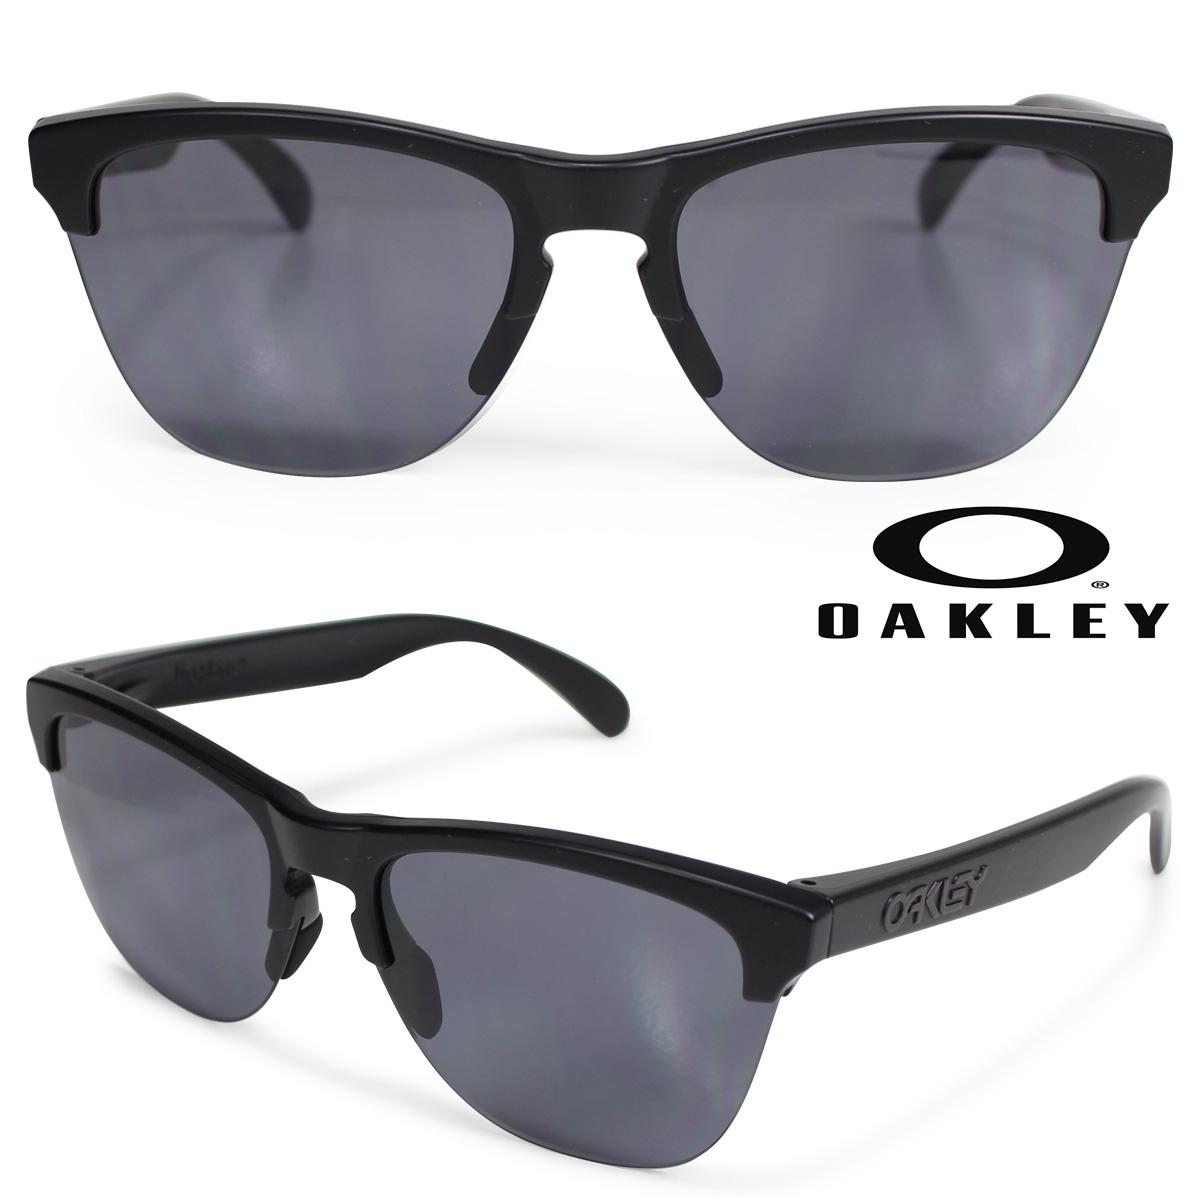 新版 オークリー サングラス Oakley オークリー Frogskins OO9374-01 lite フロッグスキン ライト レディース US FIT メンズ レディース ブラック OO9374-01, 大宮区:686a57e7 --- poncha2016.xyz